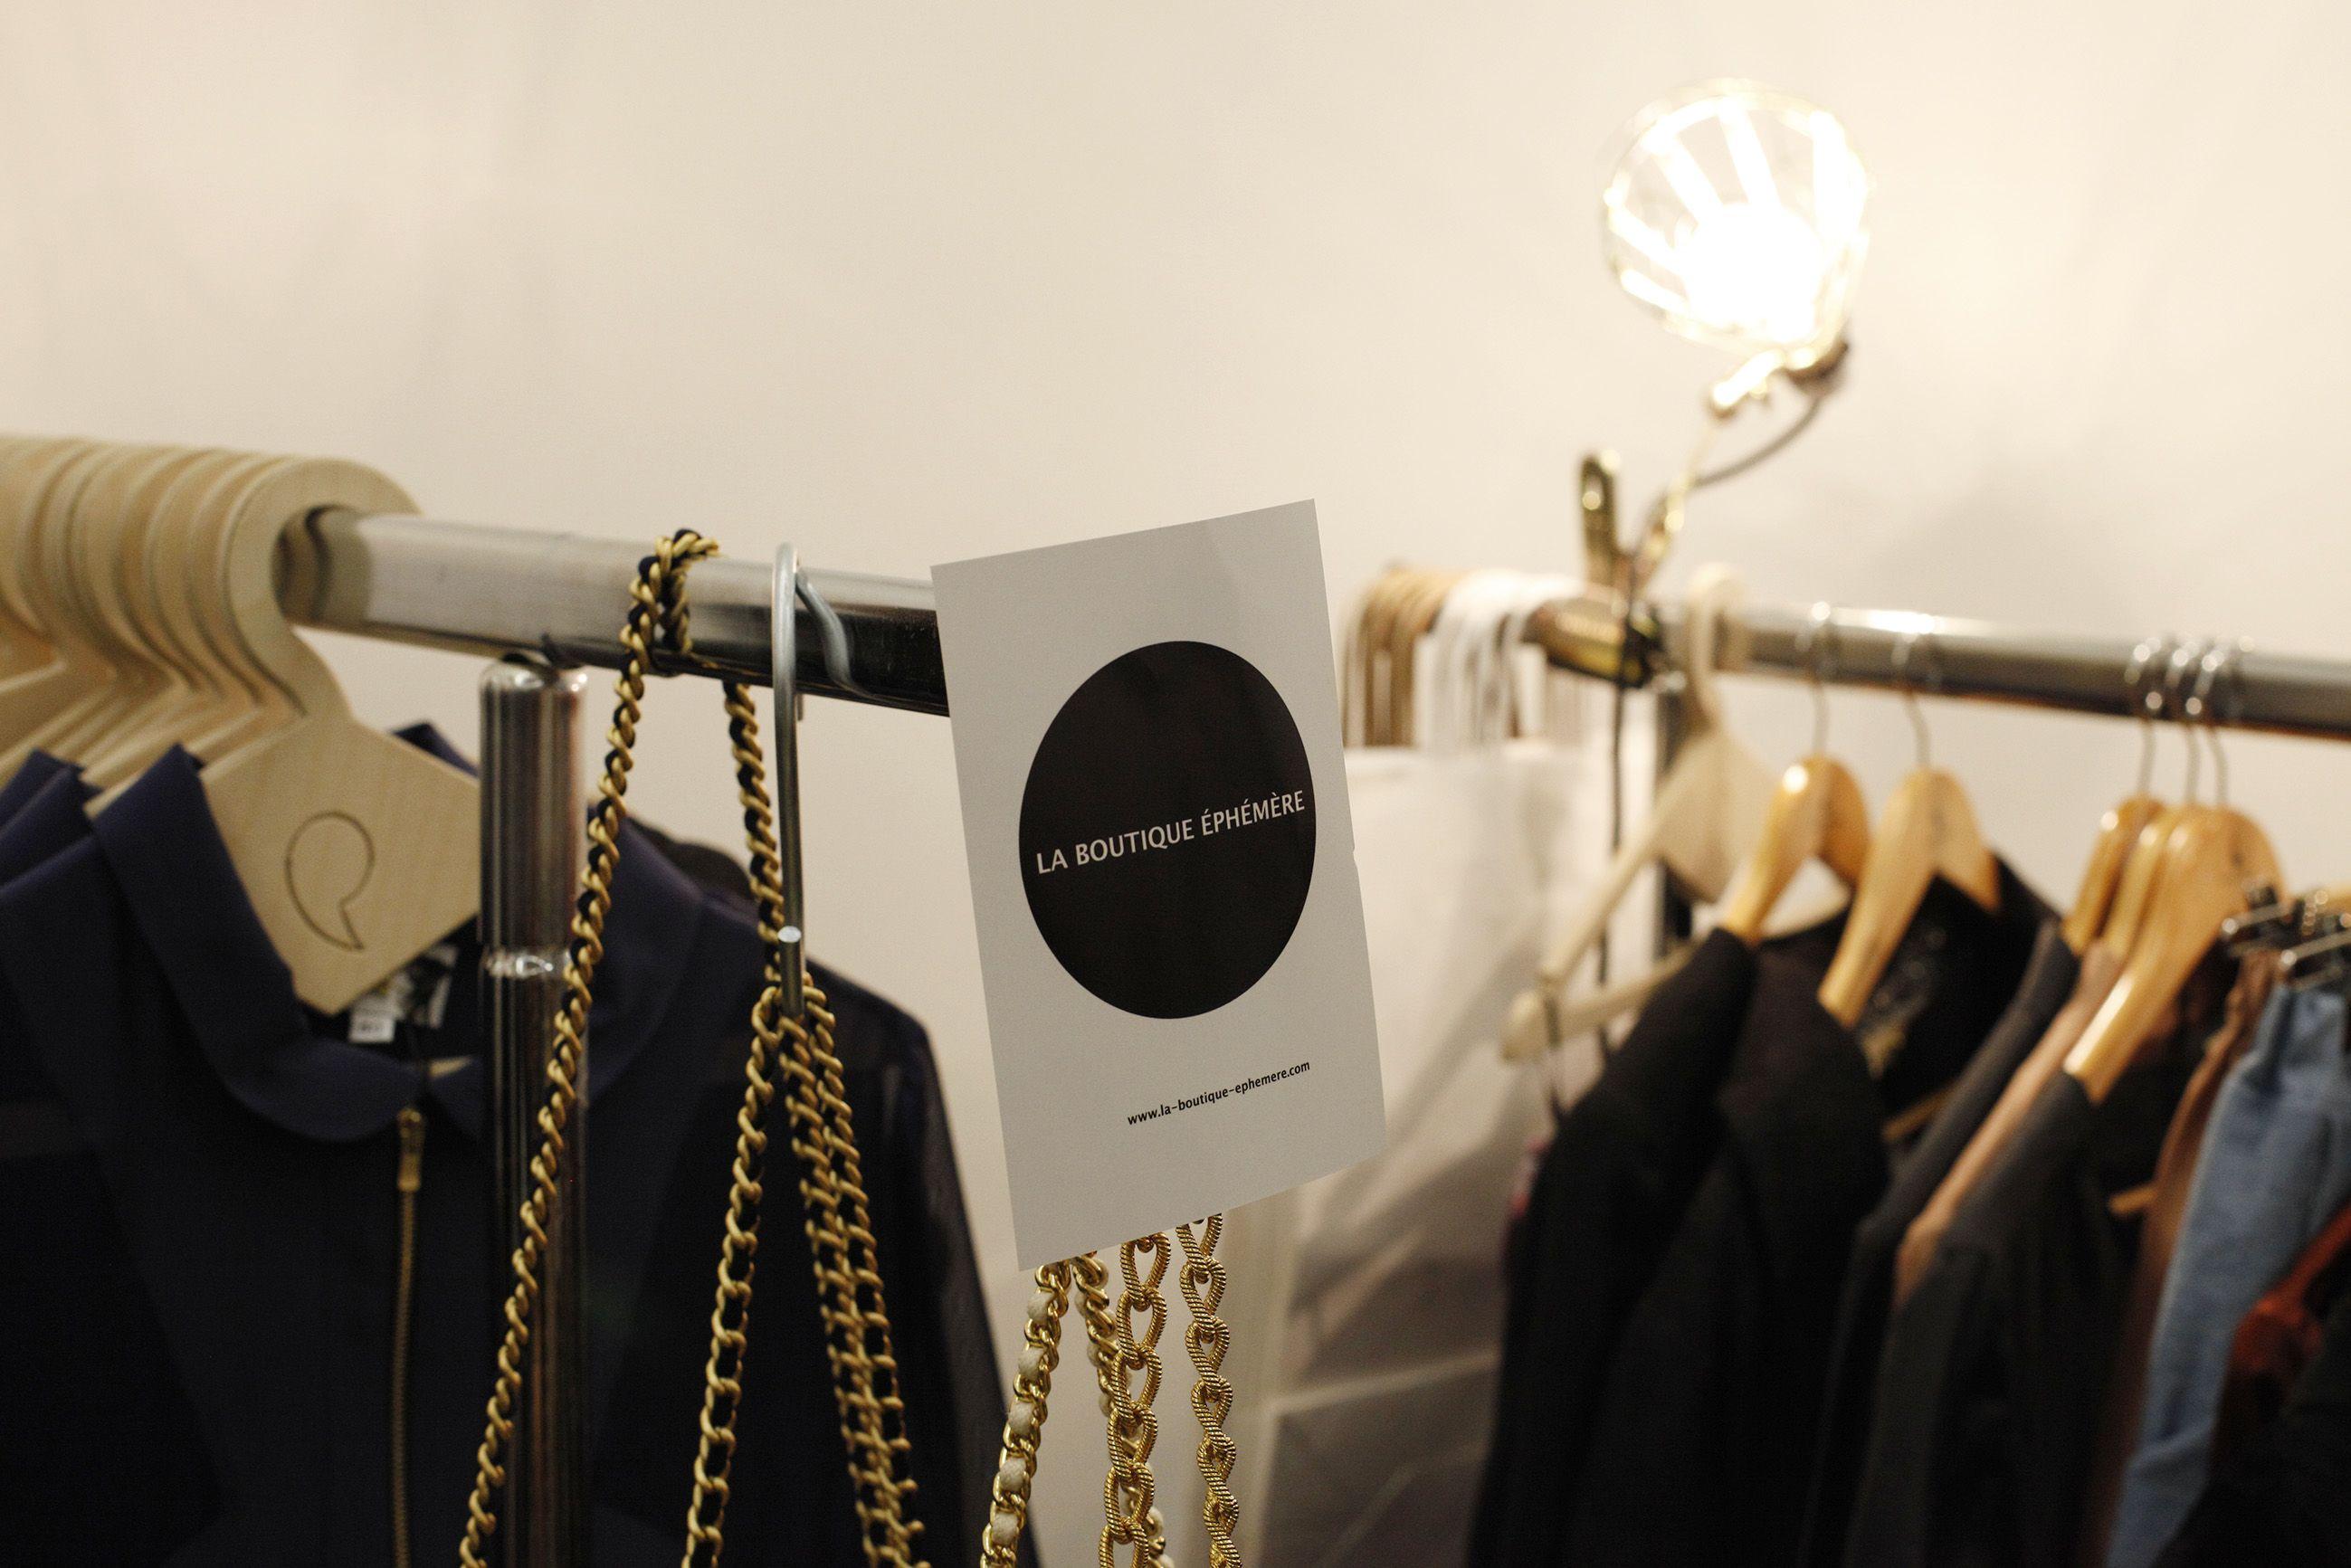 la-boutique-ephemere-paris